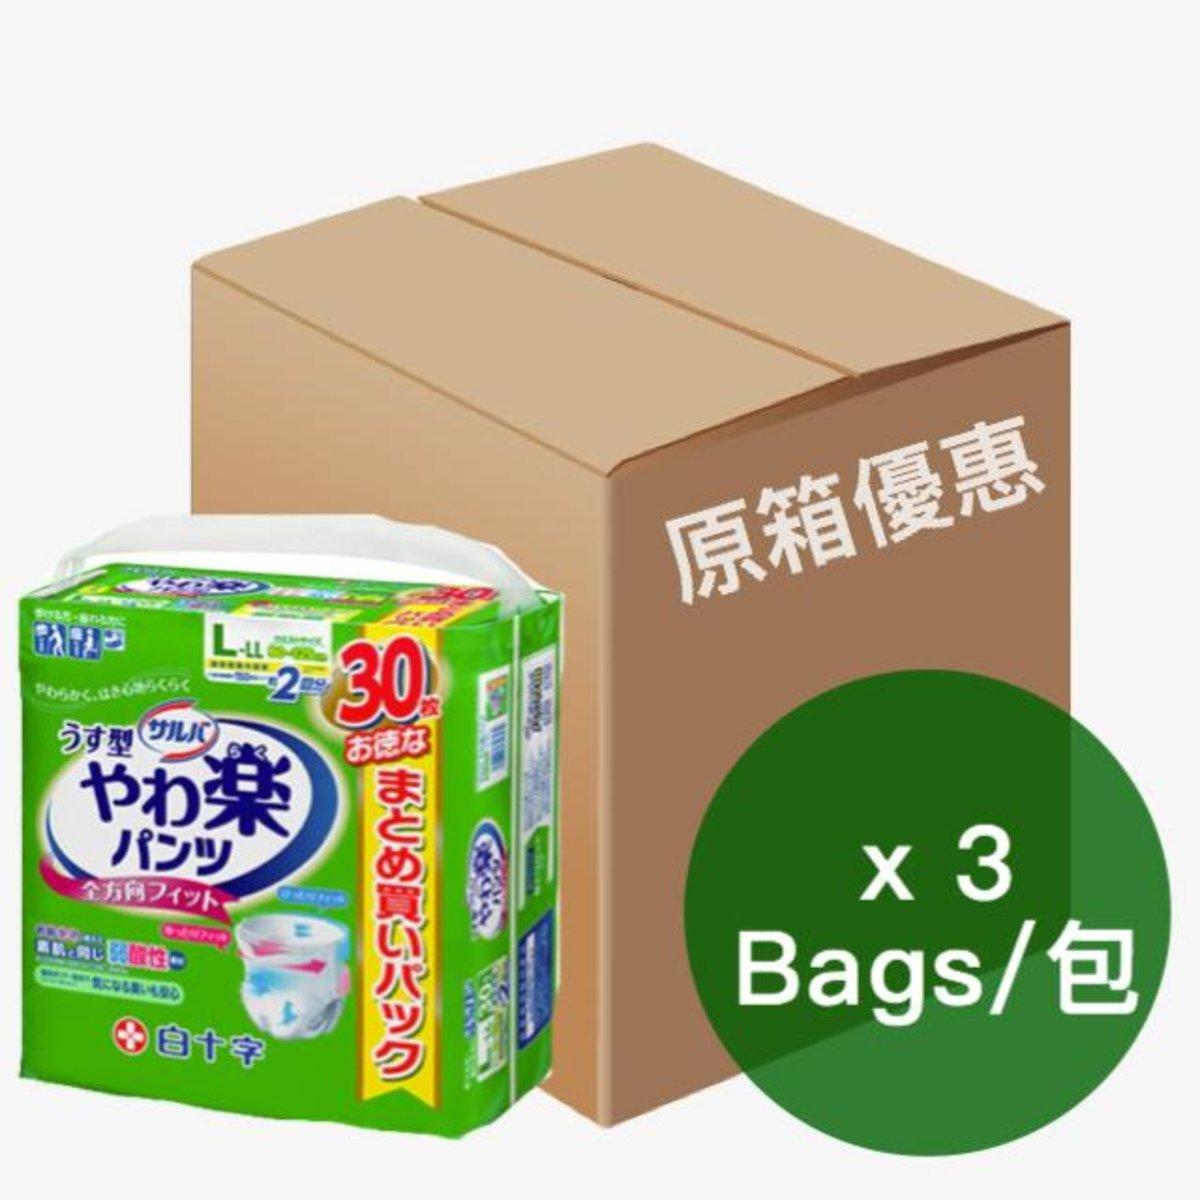 日本喜舒樂成人紙尿褲-大碼(薄裝) (30片/包)(3包/箱) 01010239 x3